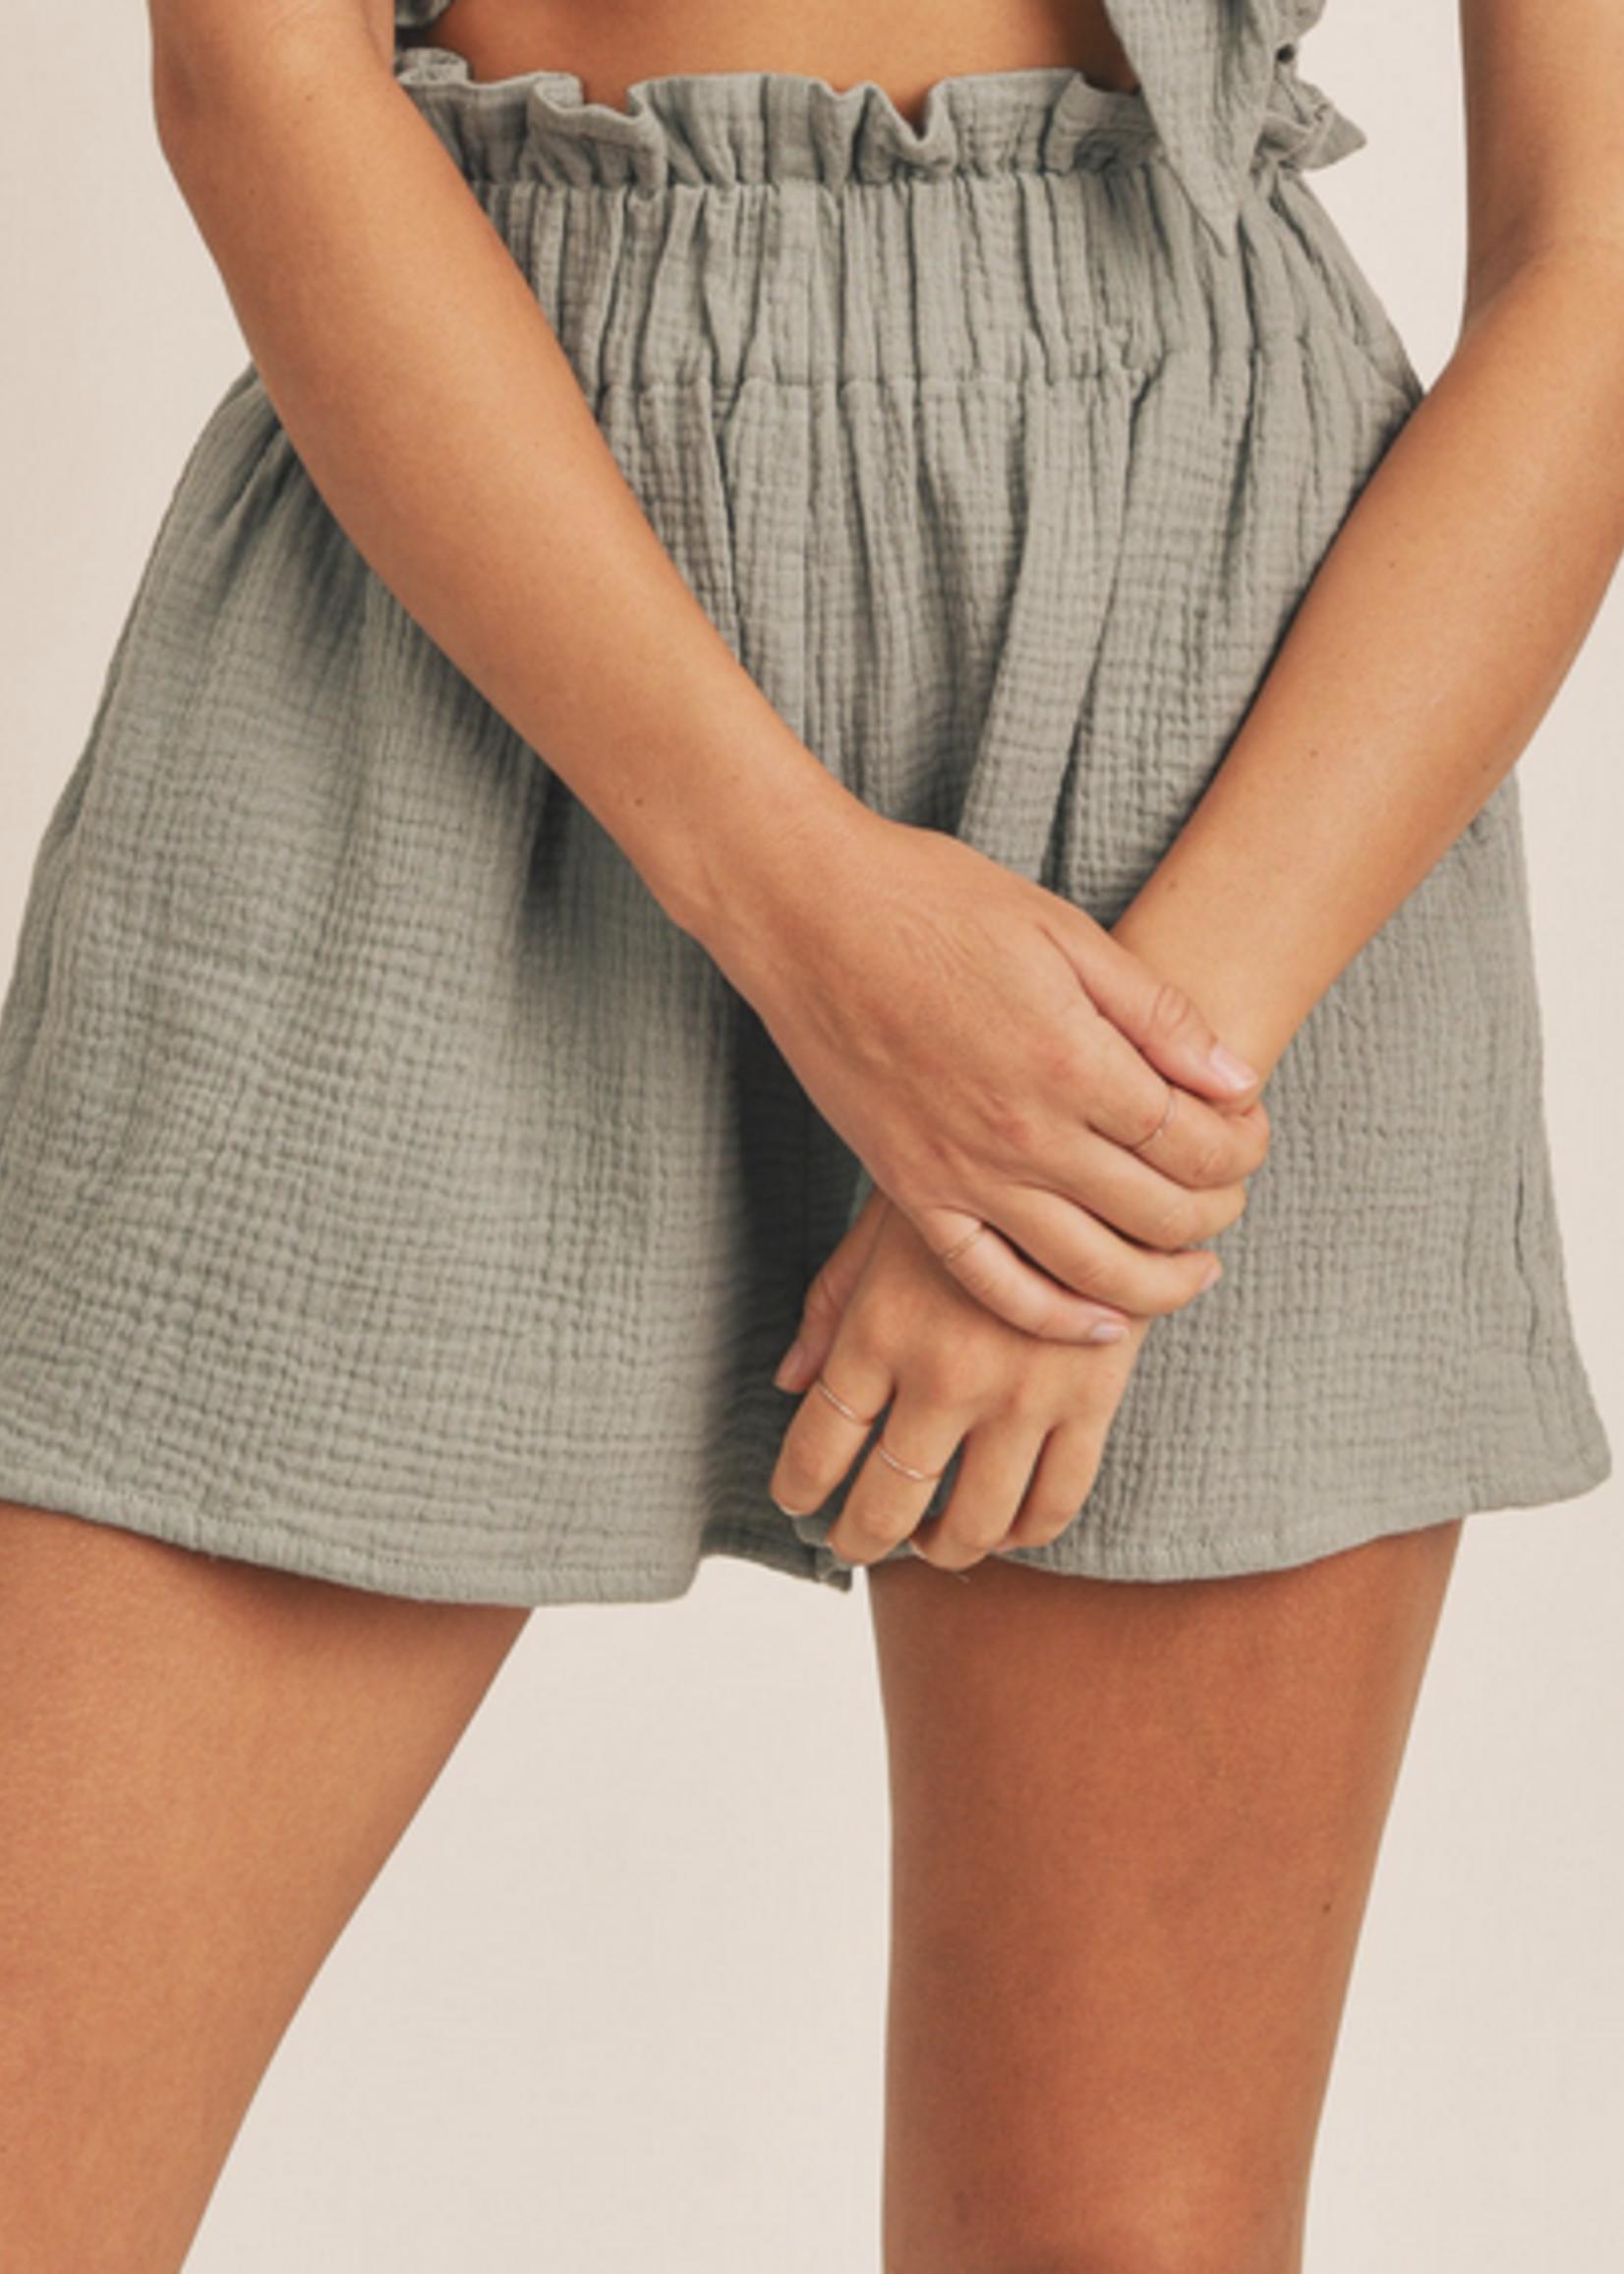 mable eli shorts